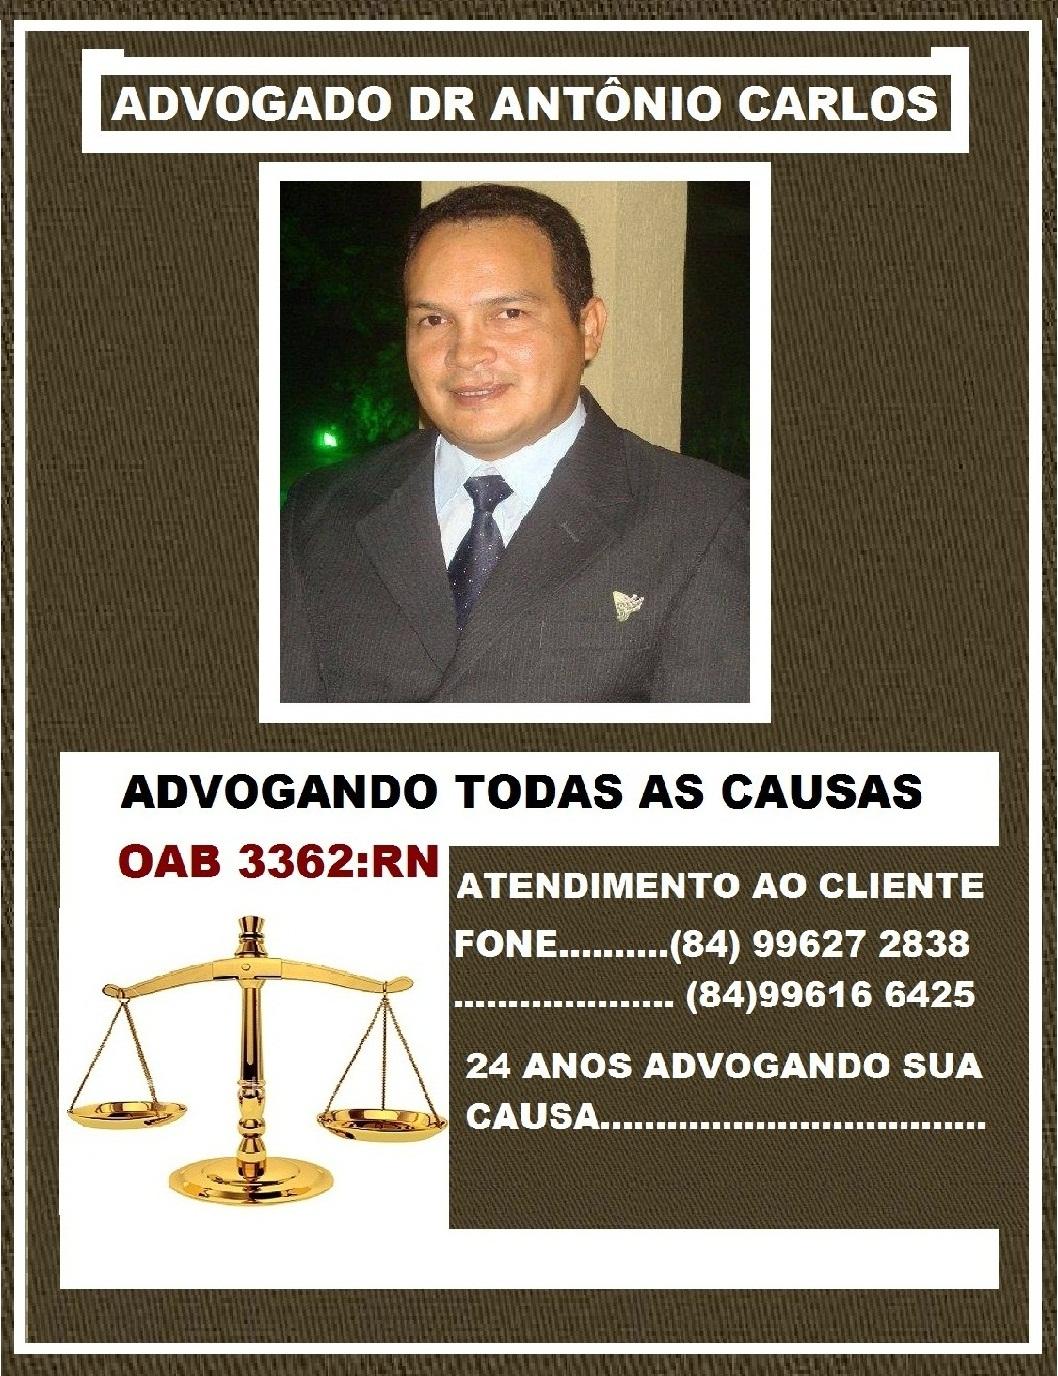 ADVOGADO DR ANTÔNIO CARLOS